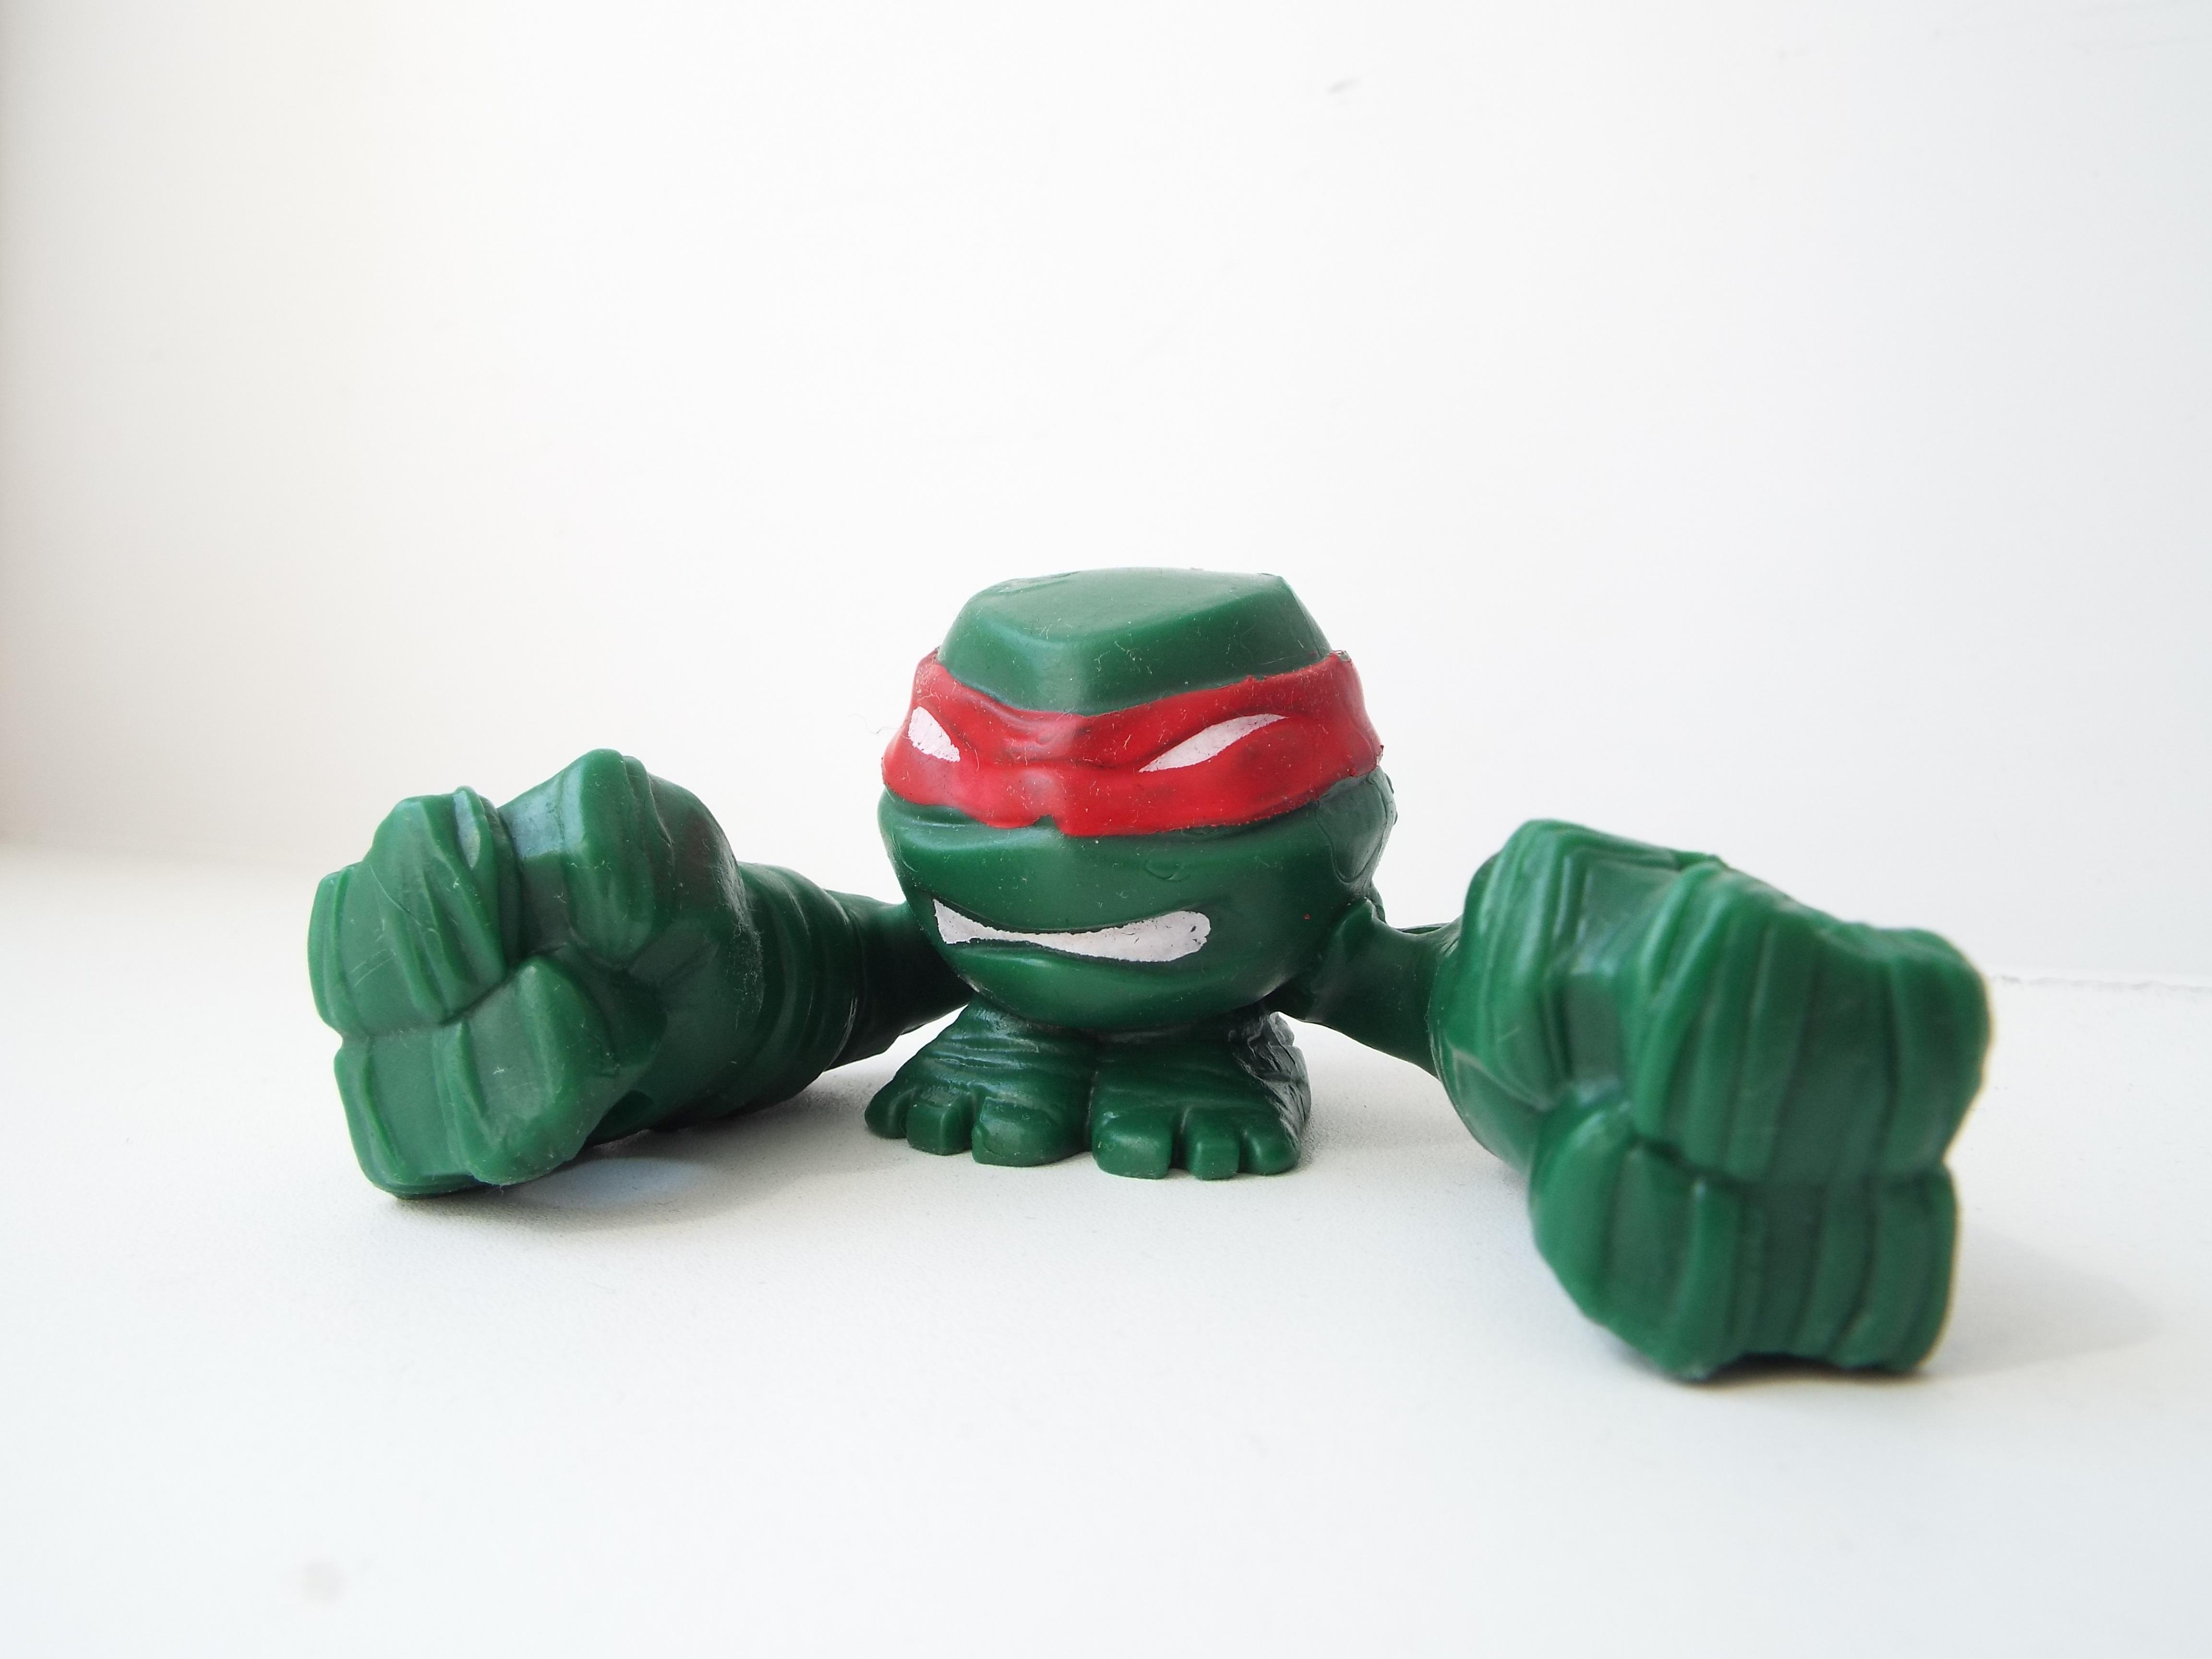 verde nio error taln juguete regalos nios art figurilla juguetes ninja para nios hombres del